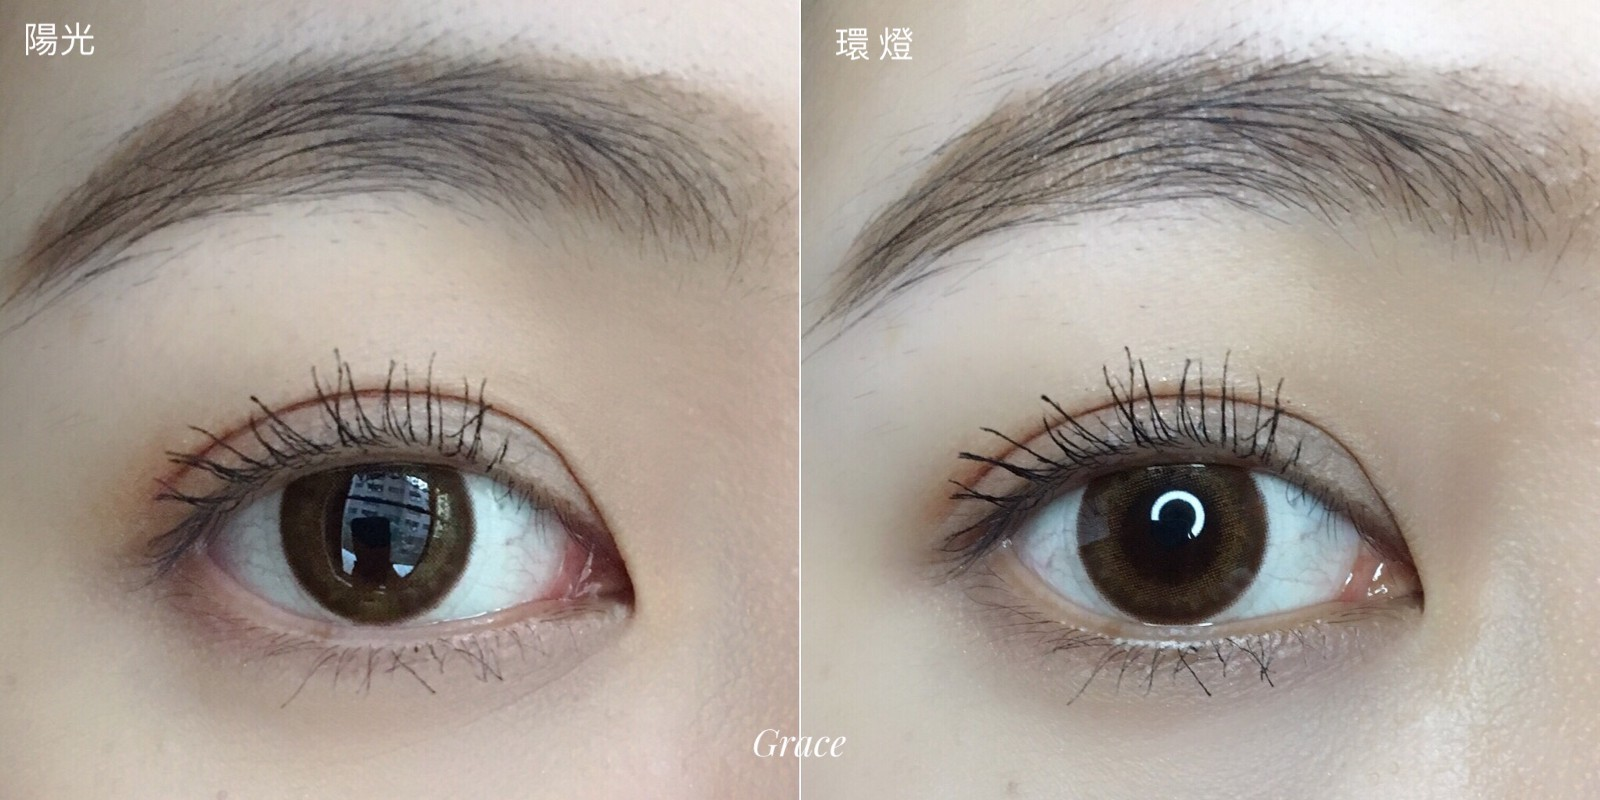 ReVIA 自然款小直徑隱形眼鏡實戴分享 – Mikaaa – Medium